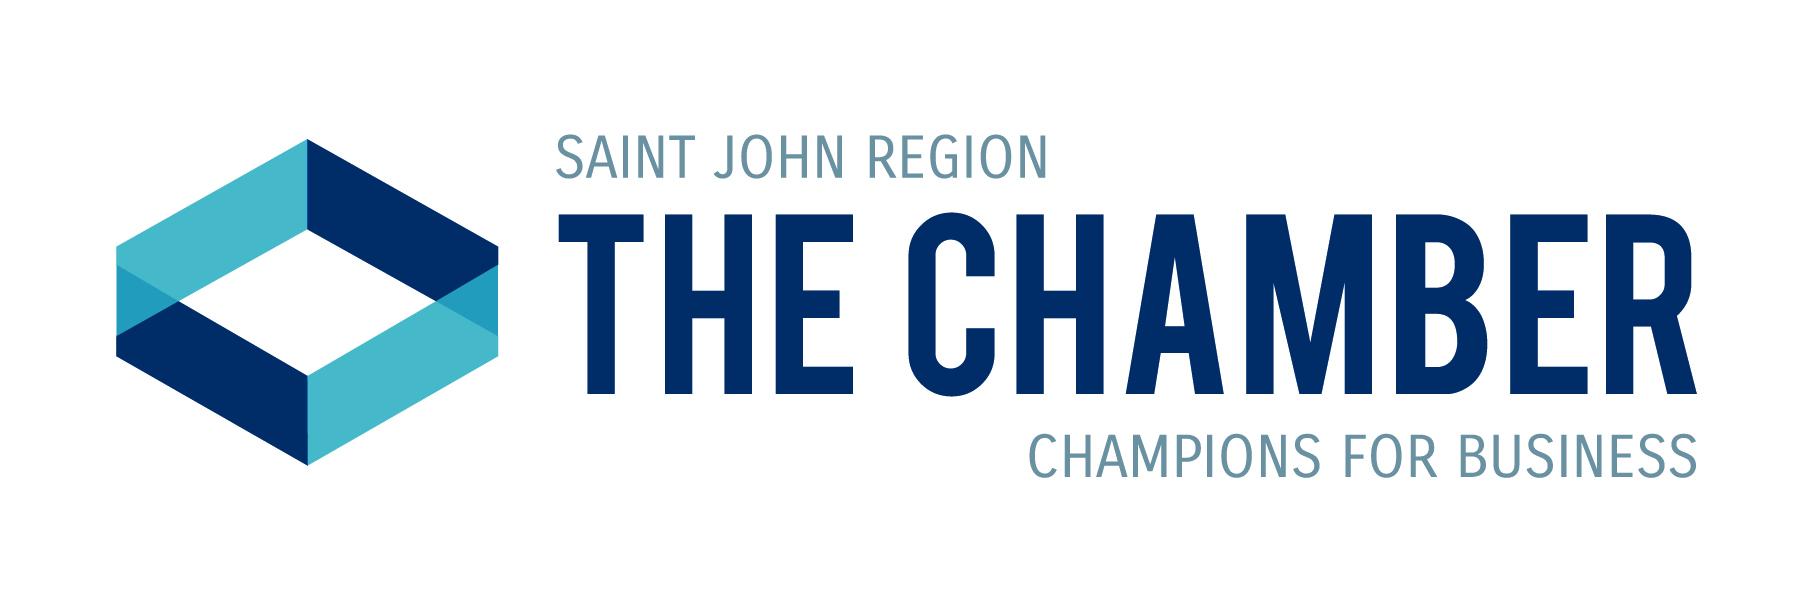 The Saint John Region Chamber of Commerce logo